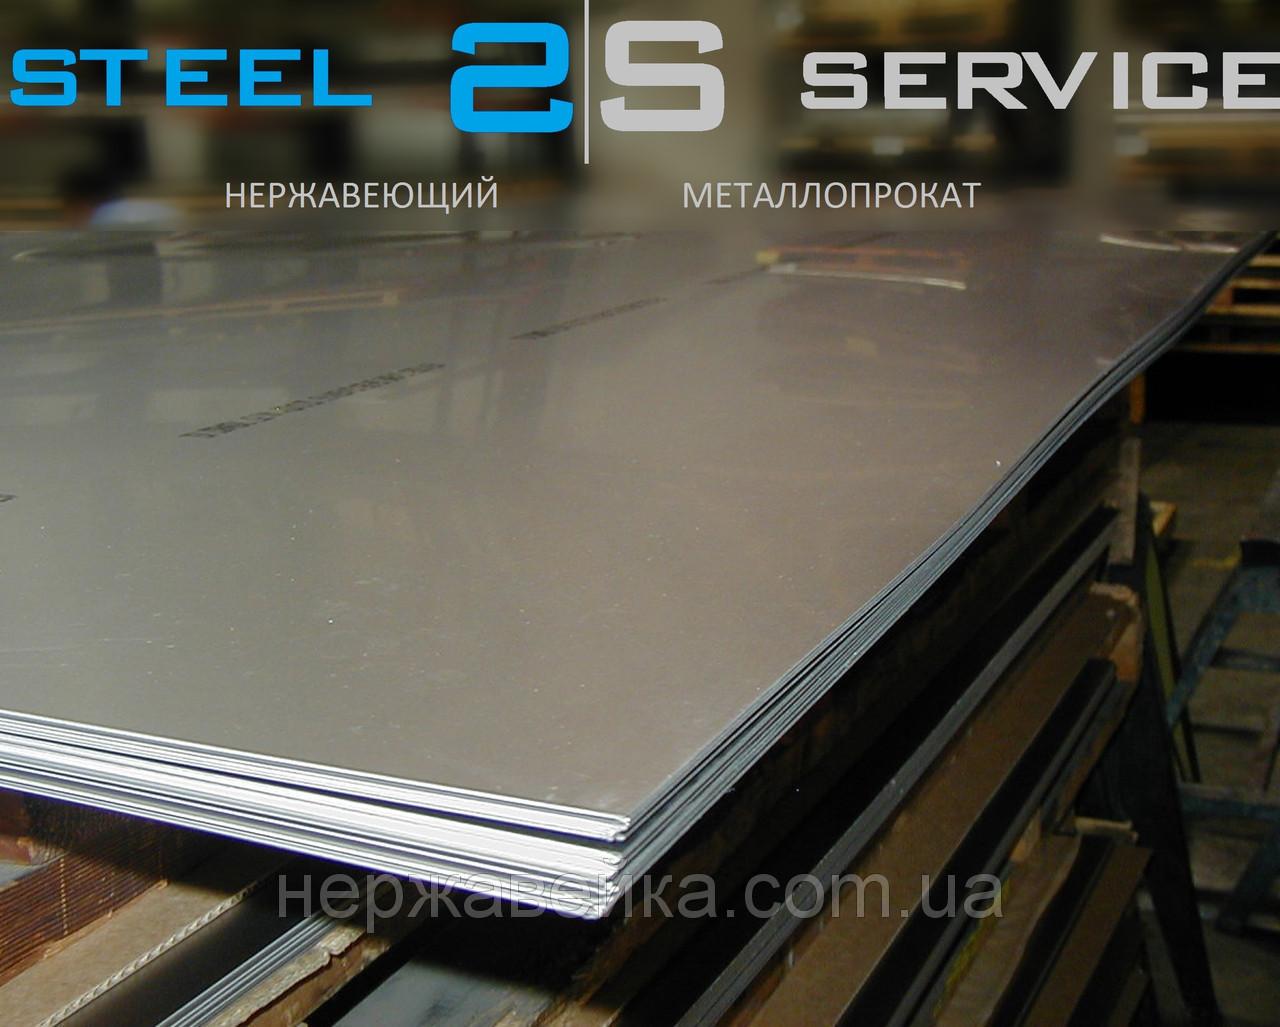 Нержавеющий лист 12х1500х3000мм  AISI 309(20Х23Н13, 20Х20Н14С2) F1 - горячекатанный,  жаропрочный